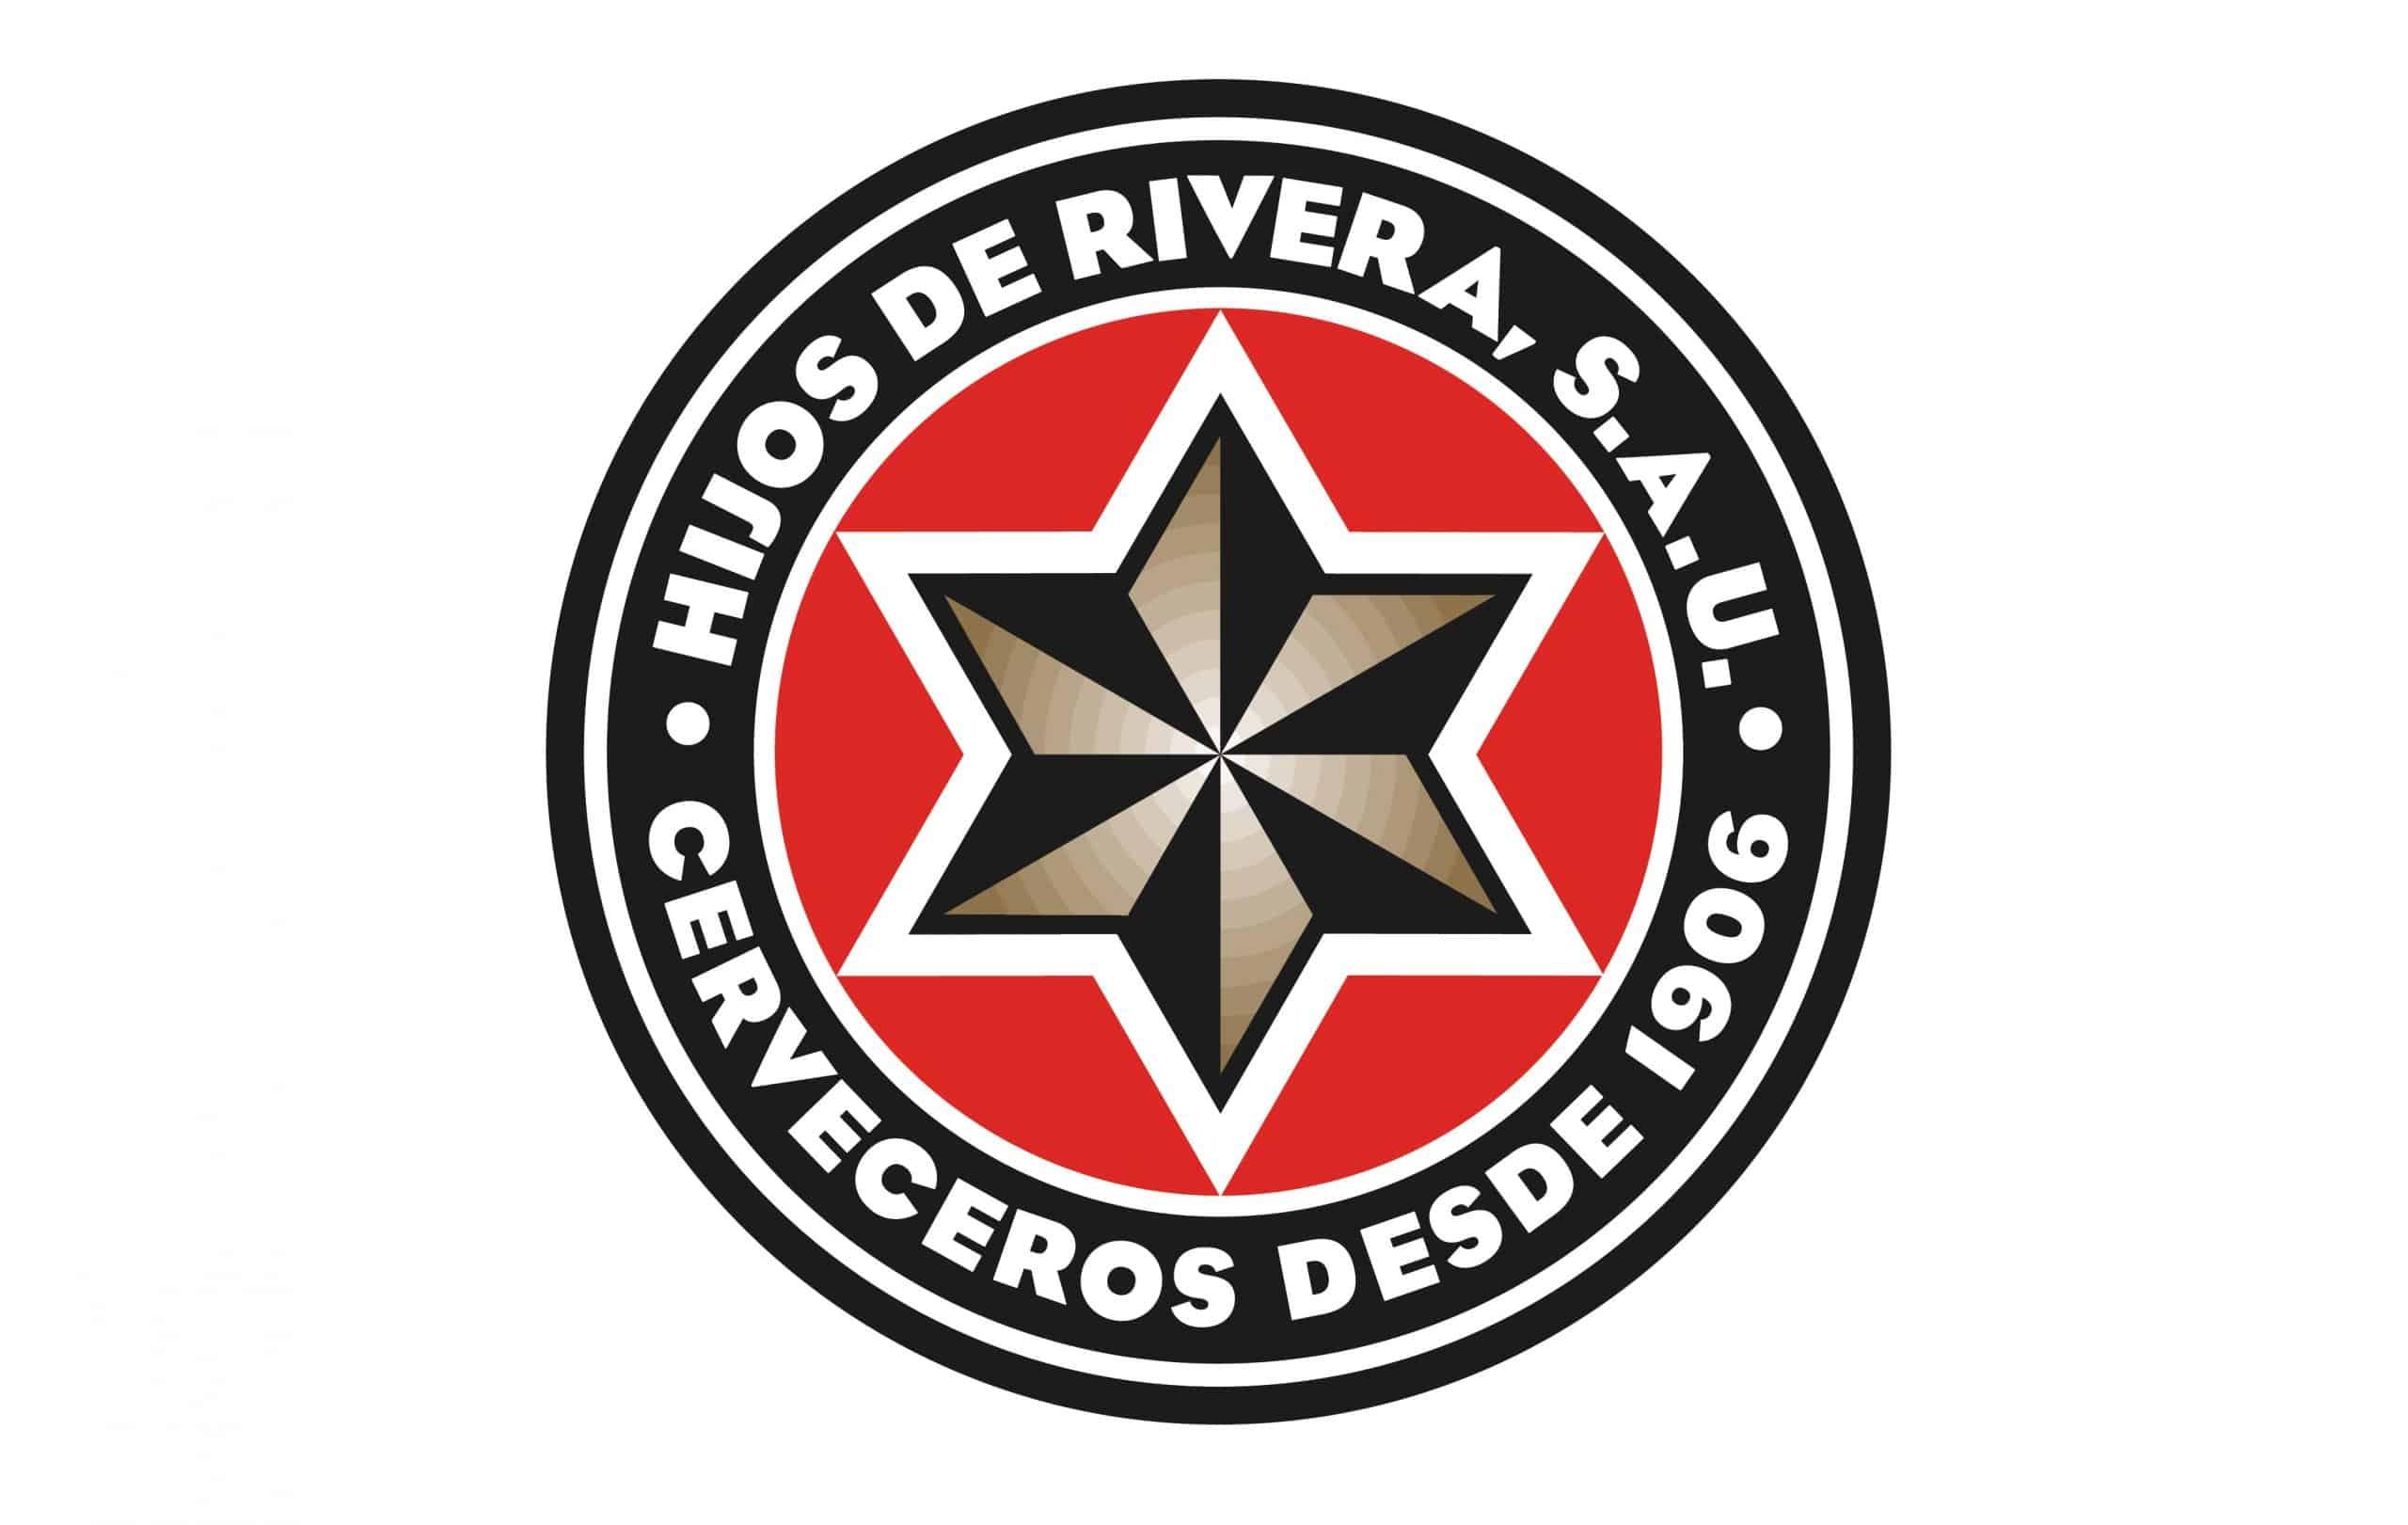 Hijos de Rivera